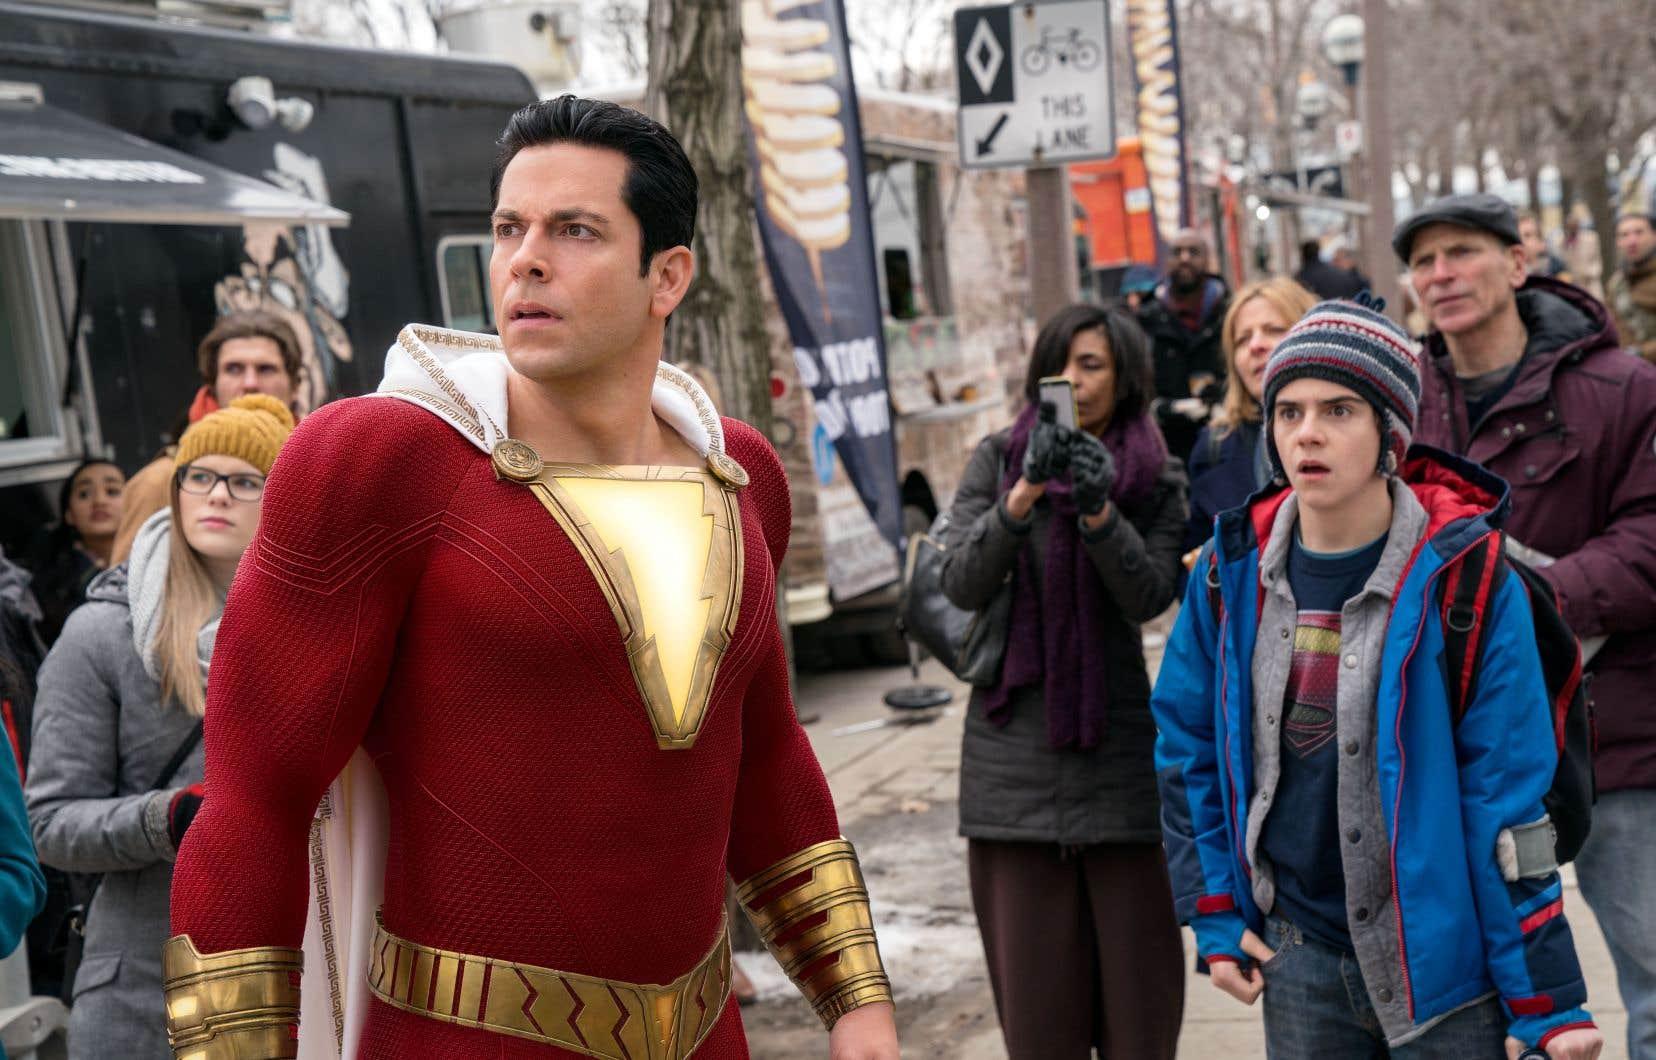 Le superhéros adulte (Zachary Levi) plaît davantage que le jeune héros, mais son adaptation est trop facile.